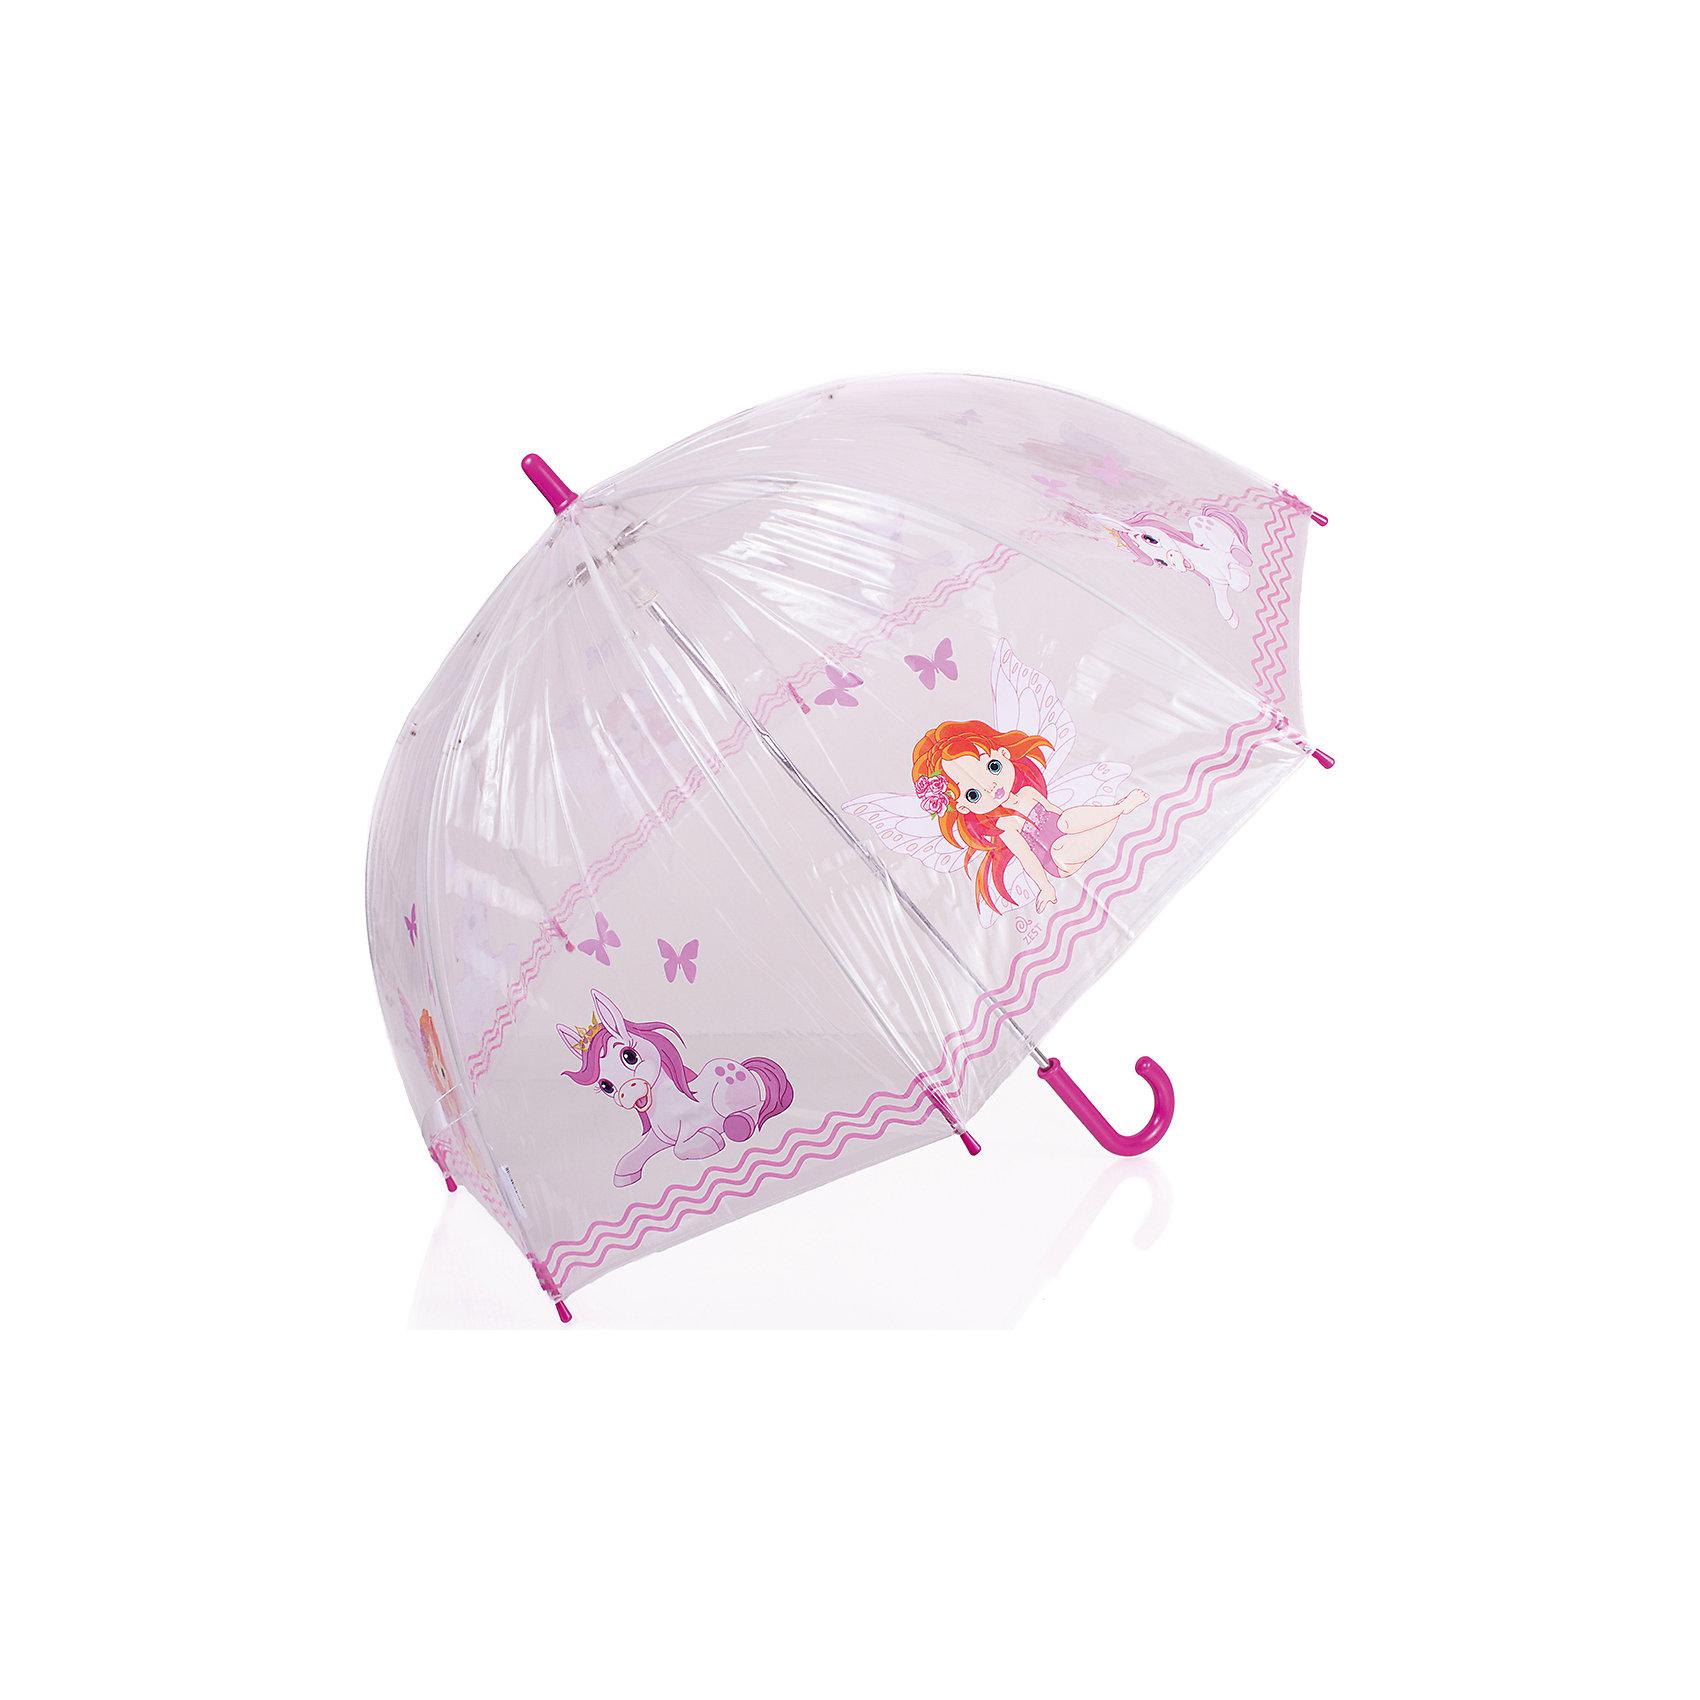 Зонт-трость, детский, рисунок Розовый пониЗонт детский Zest 51510, трость, механика, 8 спиц, диаметр  купола 74 см, материал купола поливинил (прозрачный), ручка зонта из пластика, материал каркаса - сталь. Концы спиц зонтика прикрыты специальными колпачками. ВЕТРОУСТОЙЧИВАЯ КОНСТРУКЦИЯ. Внимание! В сильный ветер не эксплуатировать! Зонт может сломаться. На купол нанесен легкий слой талька (от склеевания при хранении). Новый зонт имеет специфический запах поливинила, который выветривается через 3-5 дней. Сушить и хранить вдали от источников тепла, гарантия 6 месяцев, срок службы 5 лет.<br><br>Ширина мм: 690<br>Глубина мм: 9999<br>Высота мм: 690<br>Вес г: 280<br>Возраст от месяцев: 36<br>Возраст до месяцев: 2147483647<br>Пол: Унисекс<br>Возраст: Детский<br>SKU: 5511979